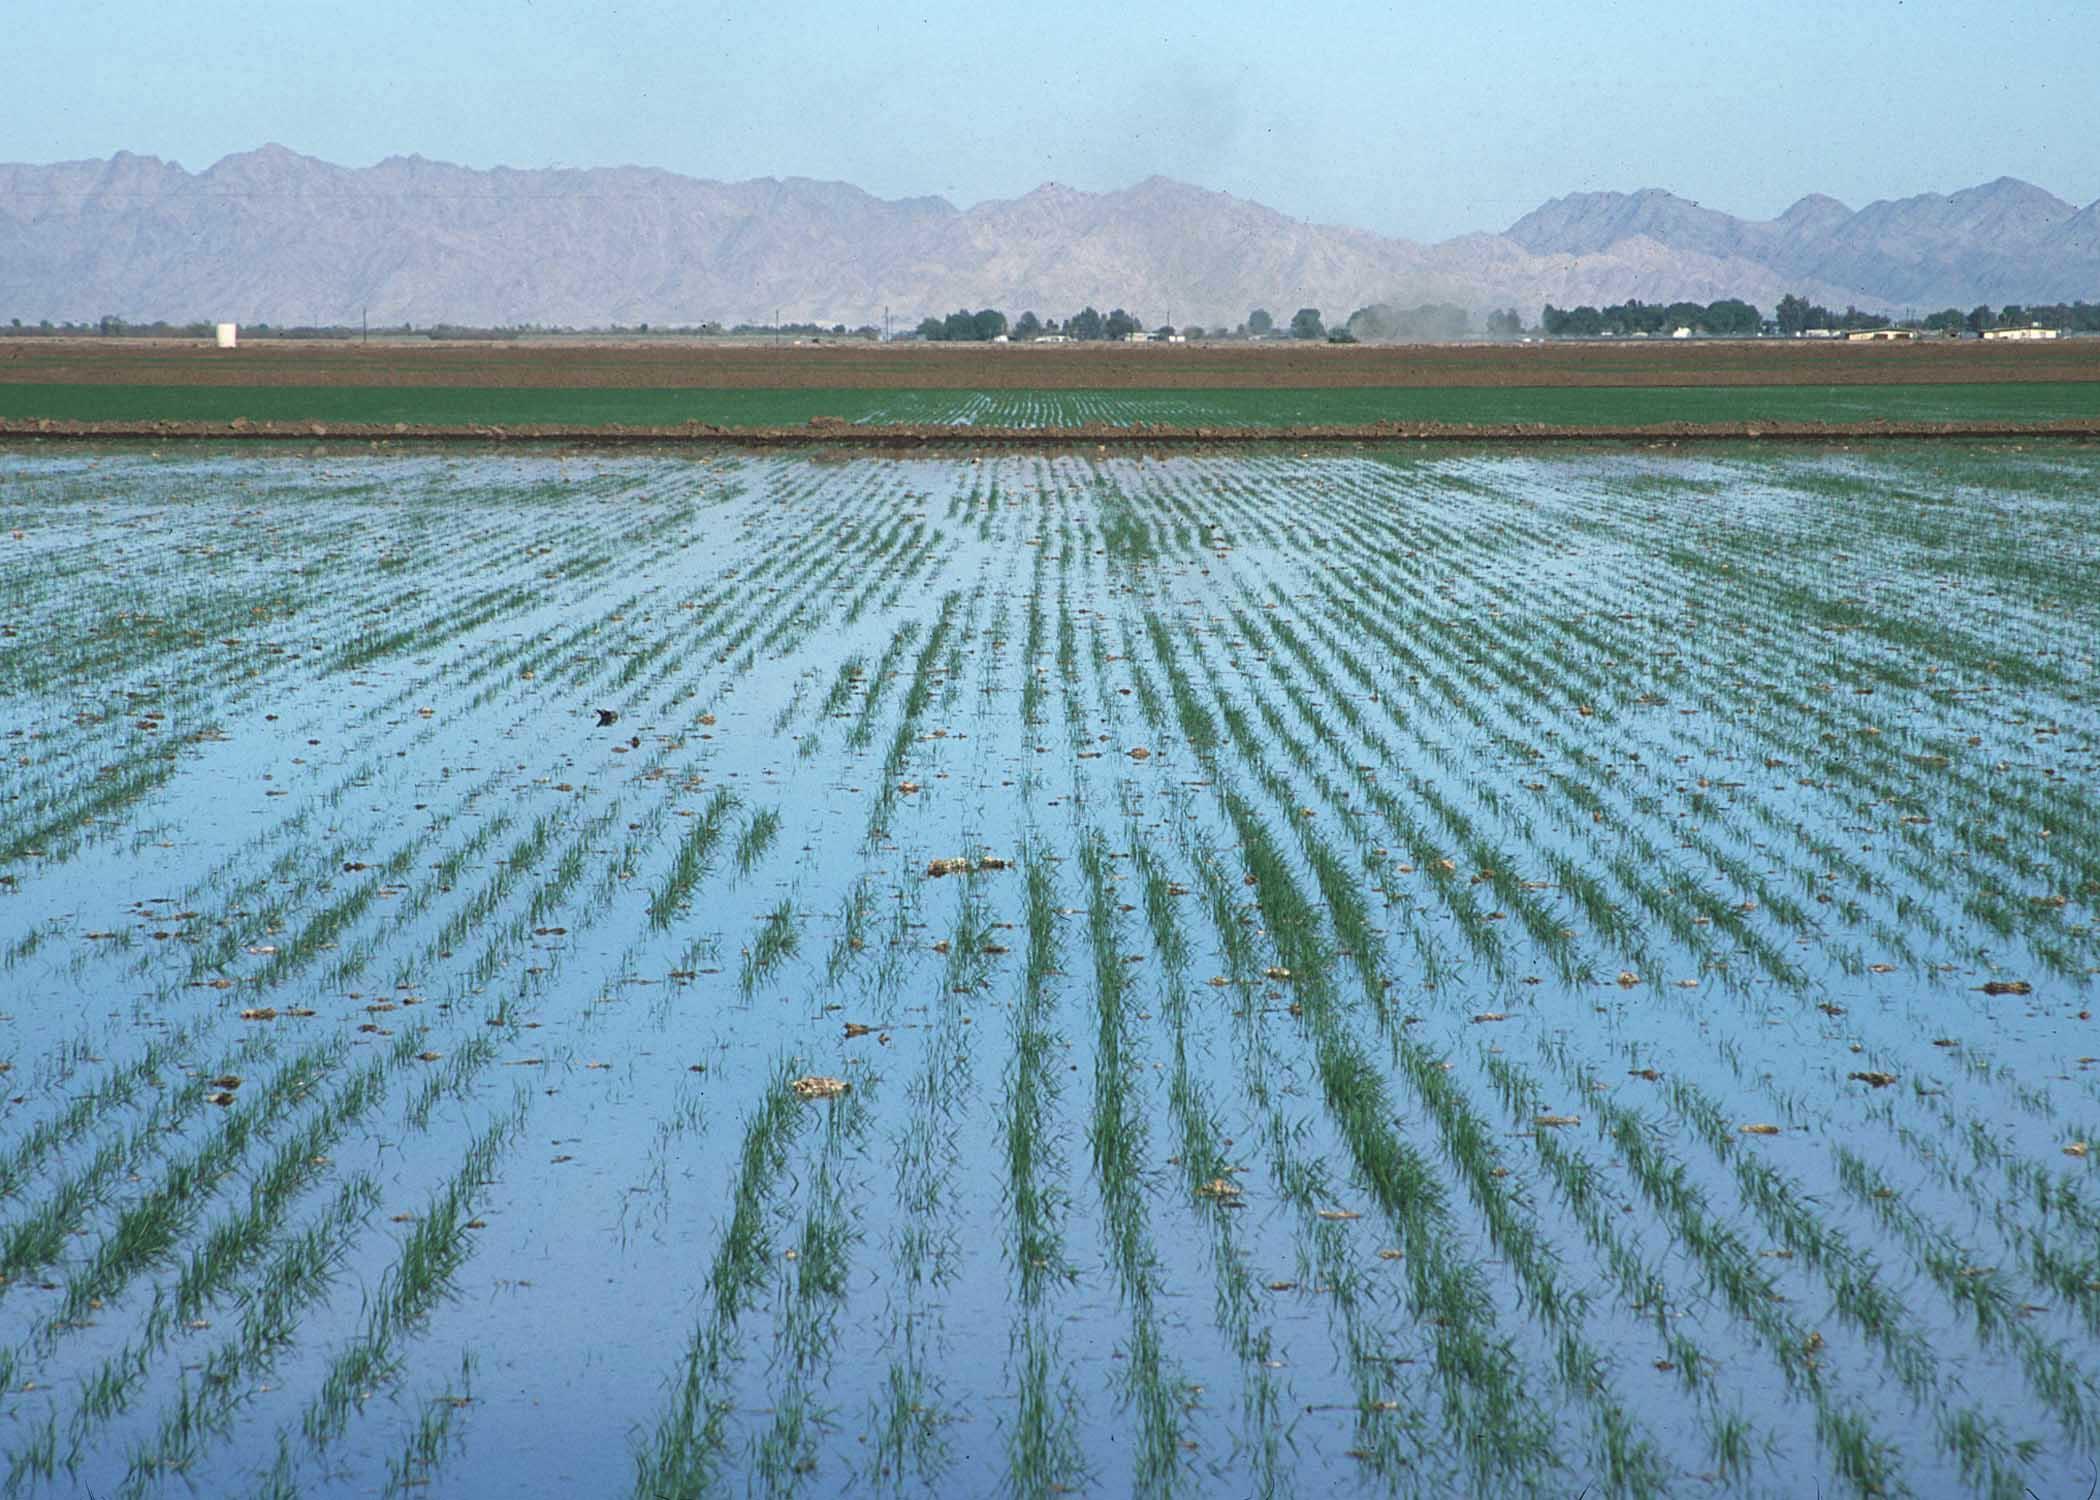 صورة 3.9 % انخفاض في كمية مياه الري المستخدمة في الزراعة عام 2015